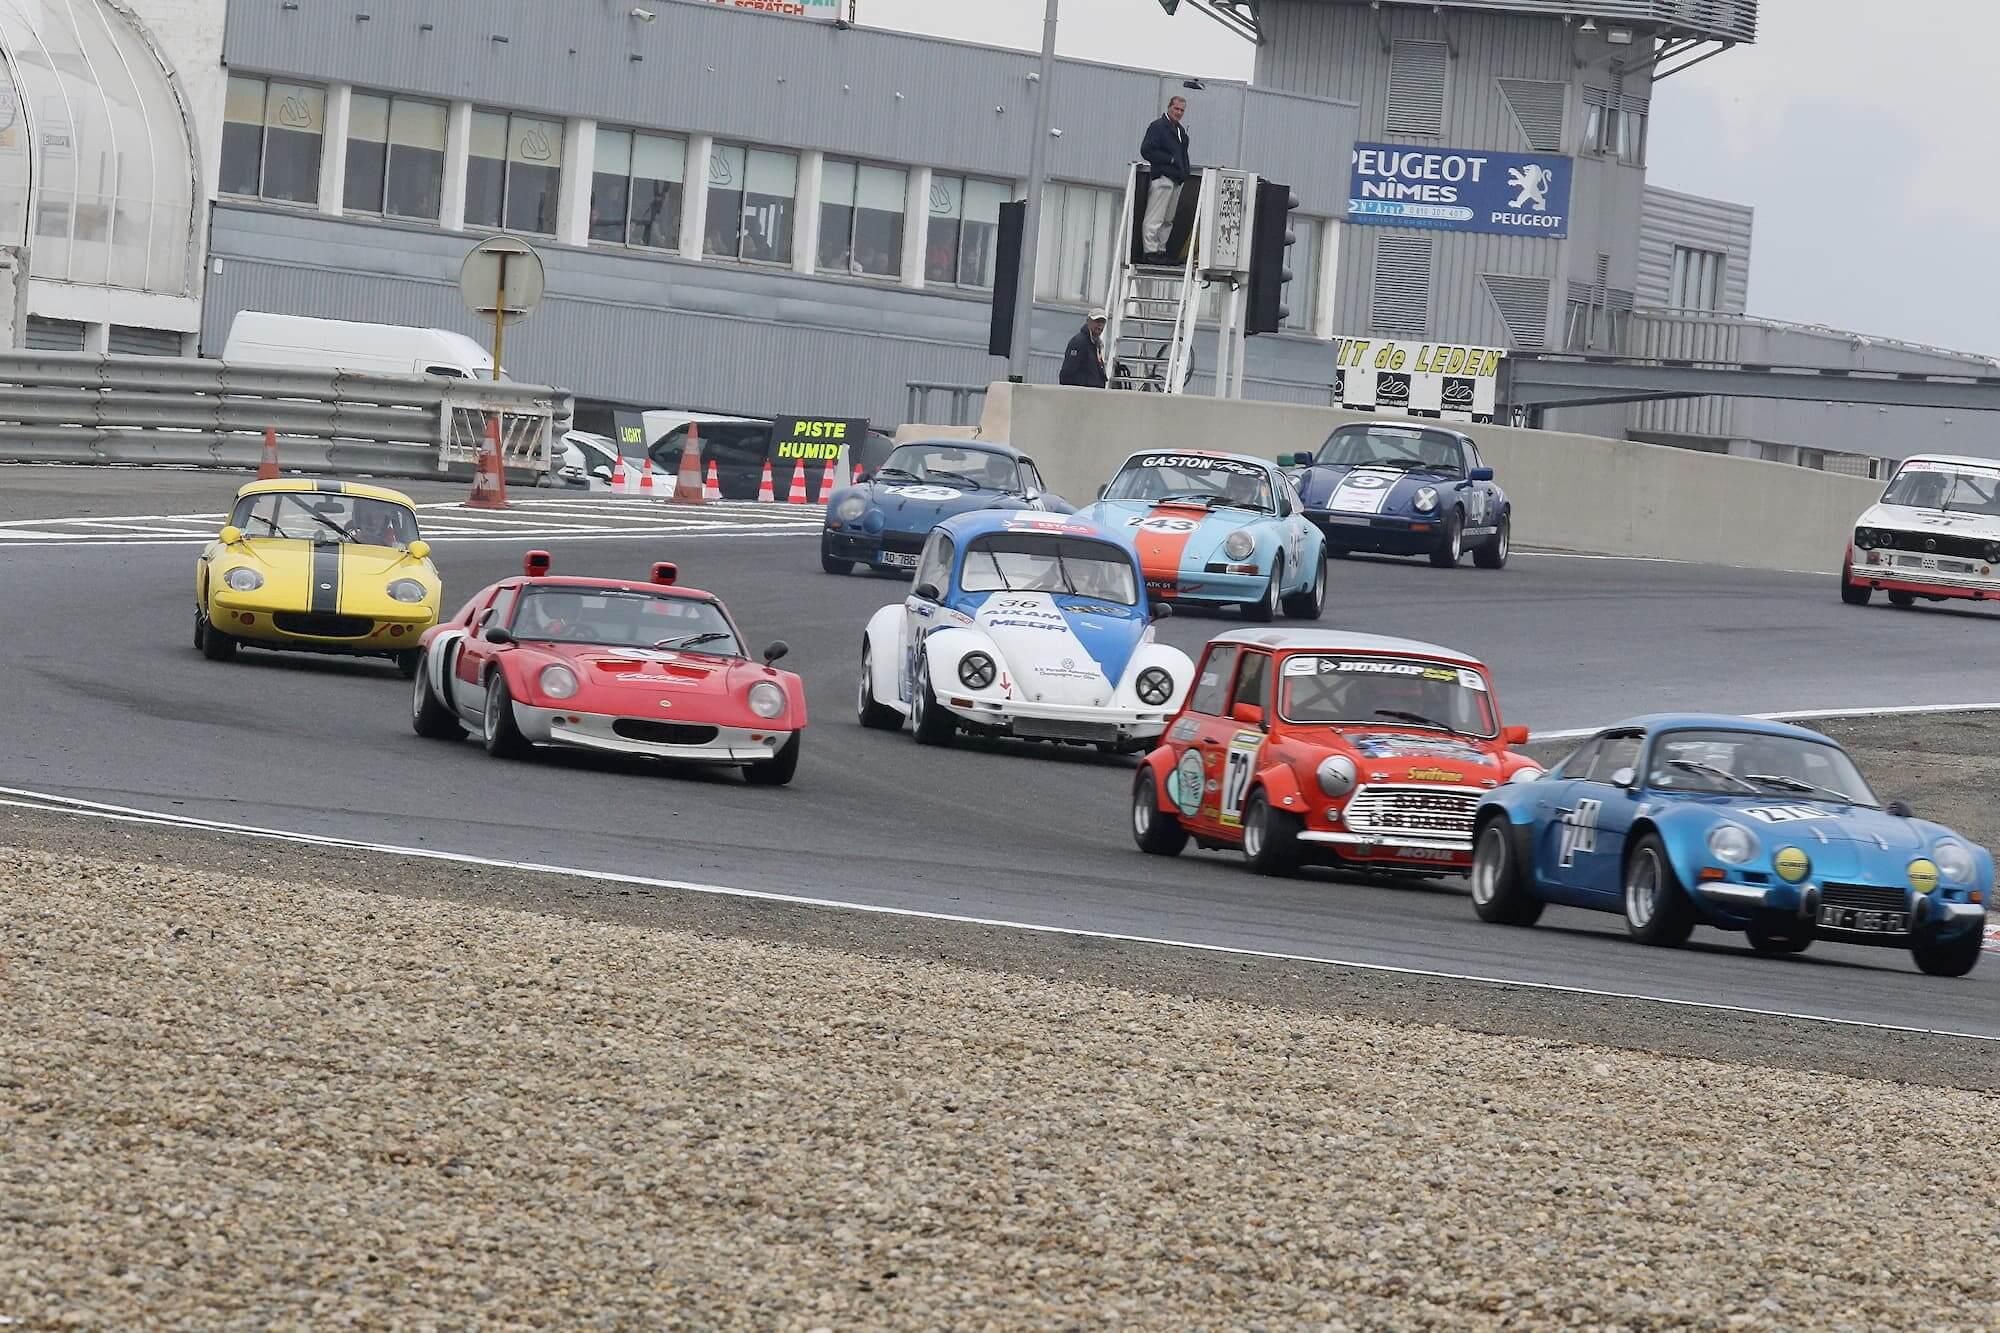 Austin Mini Miglia 7 et ses concurrents sur le circuit de Lédenon dans le Gard